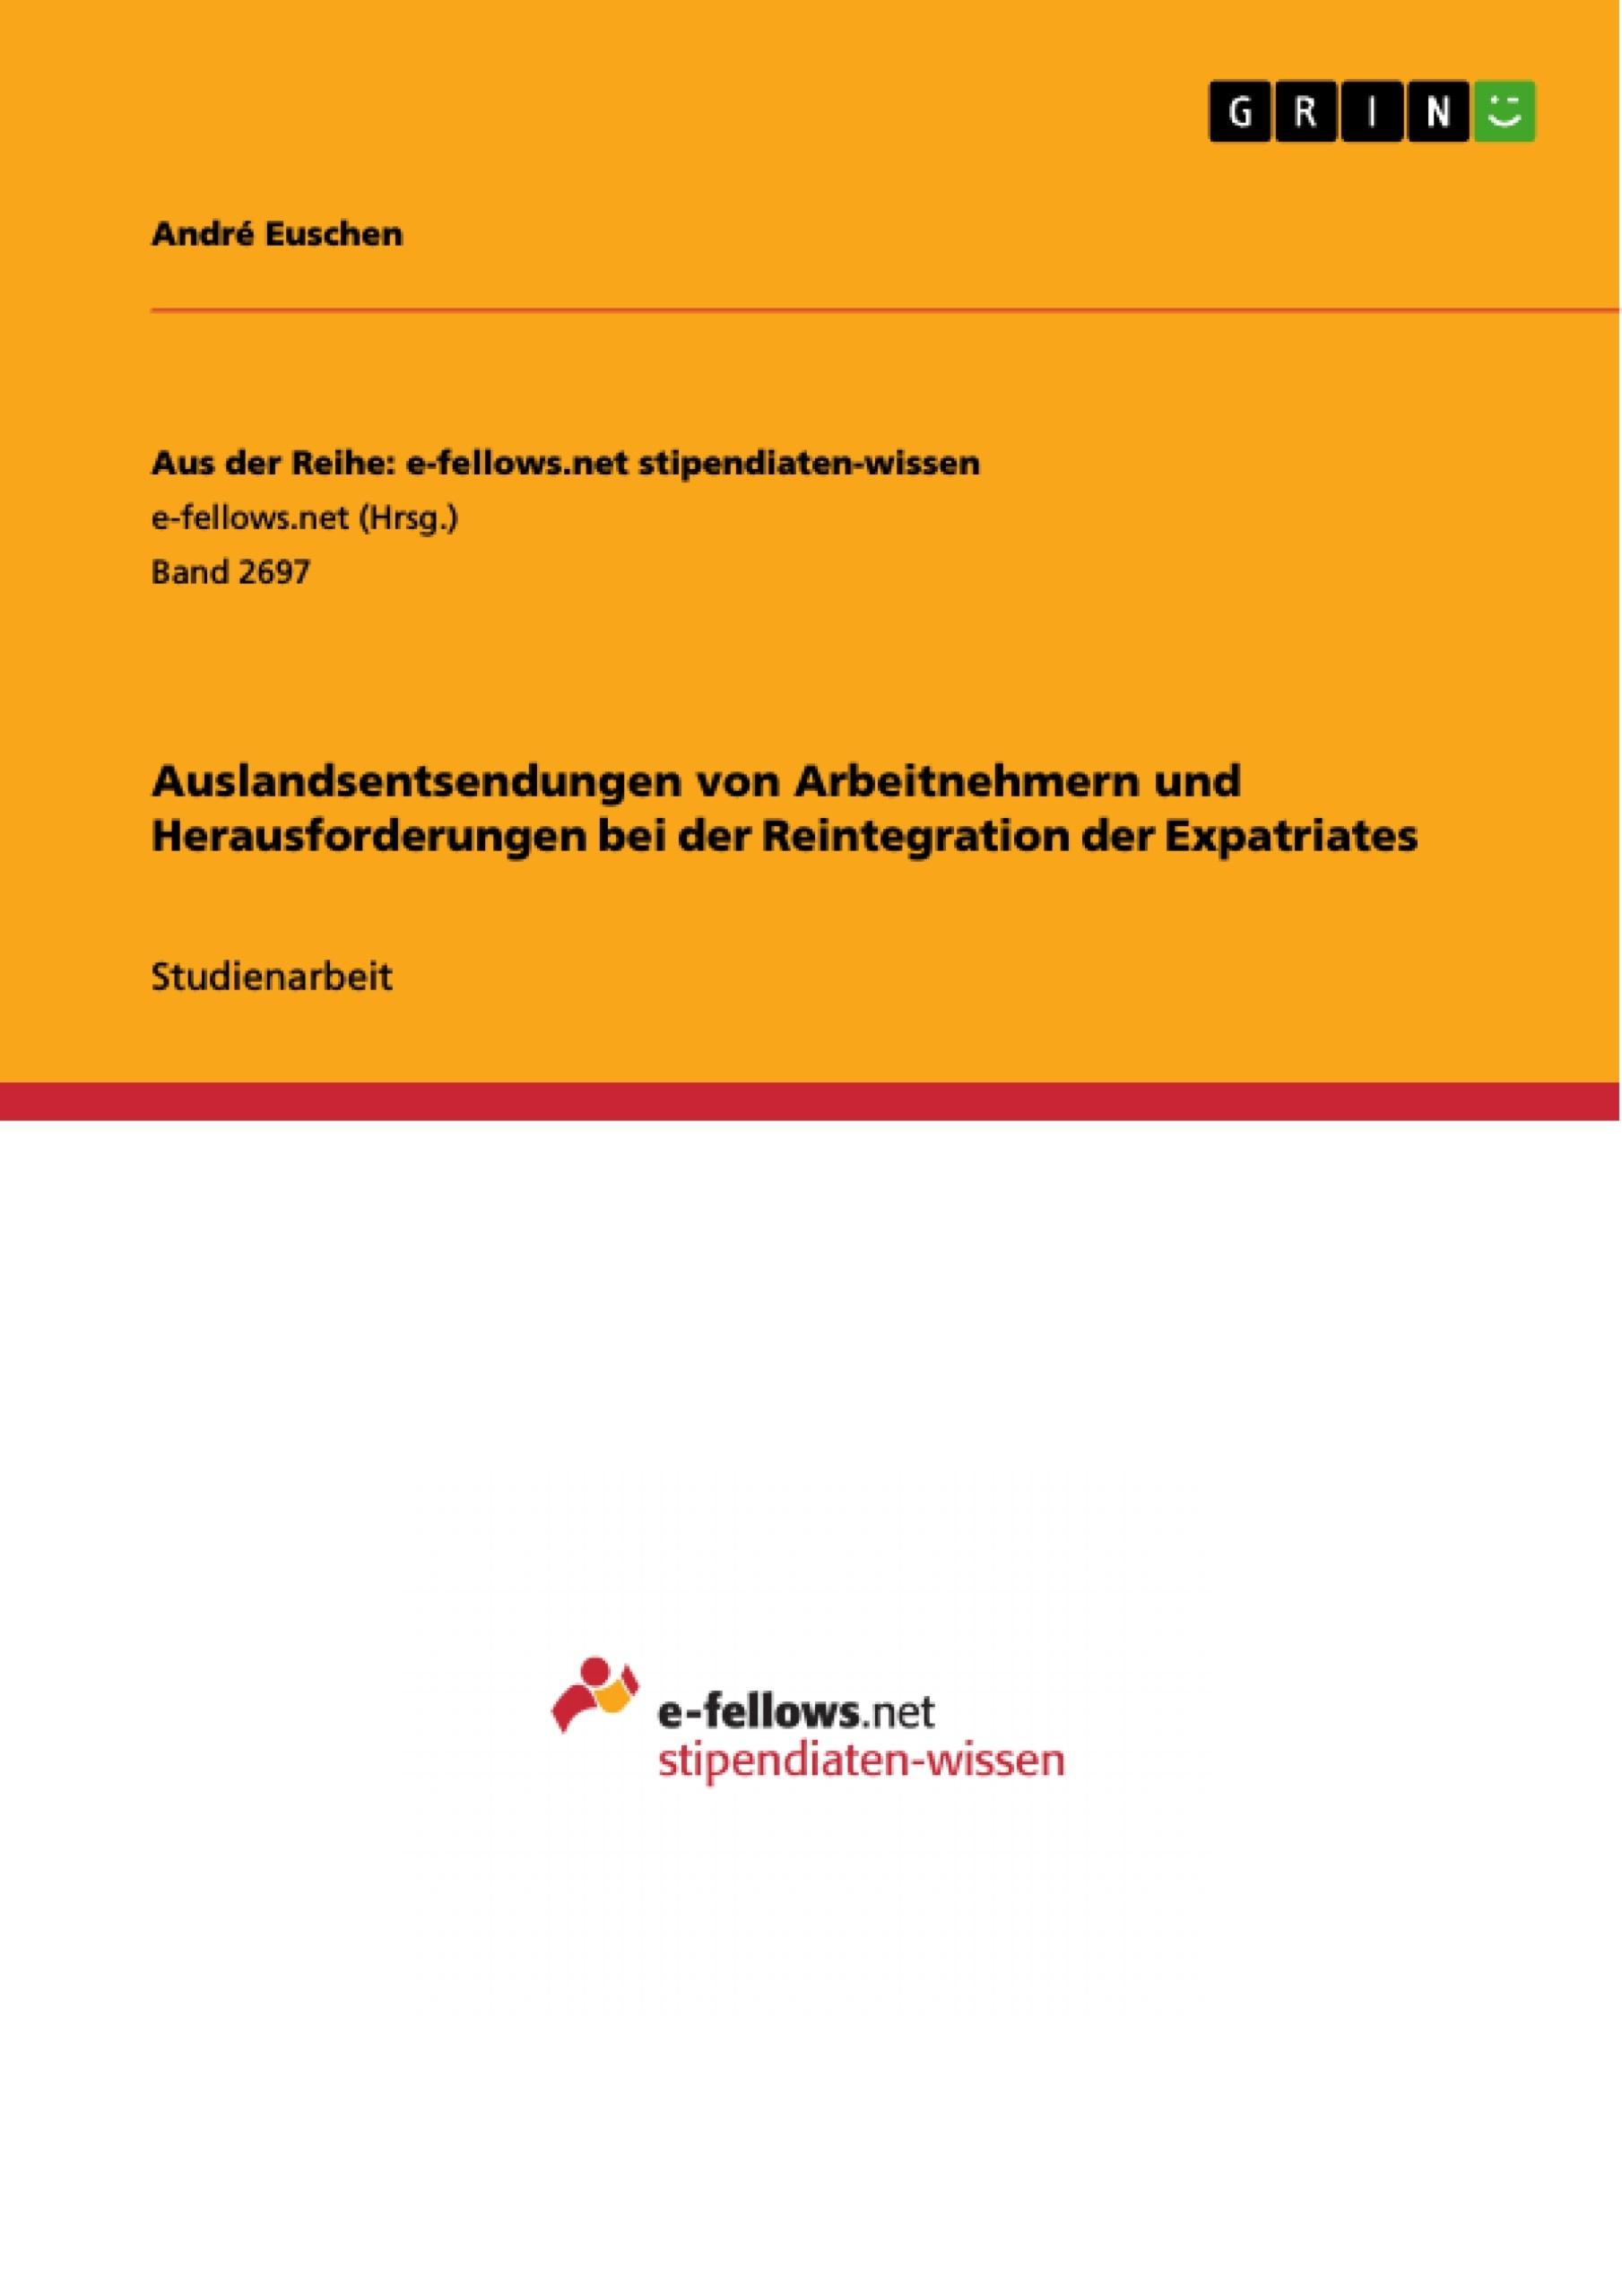 Titel: Auslandsentsendungen von Arbeitnehmern und Herausforderungen bei der Reintegration der Expatriates